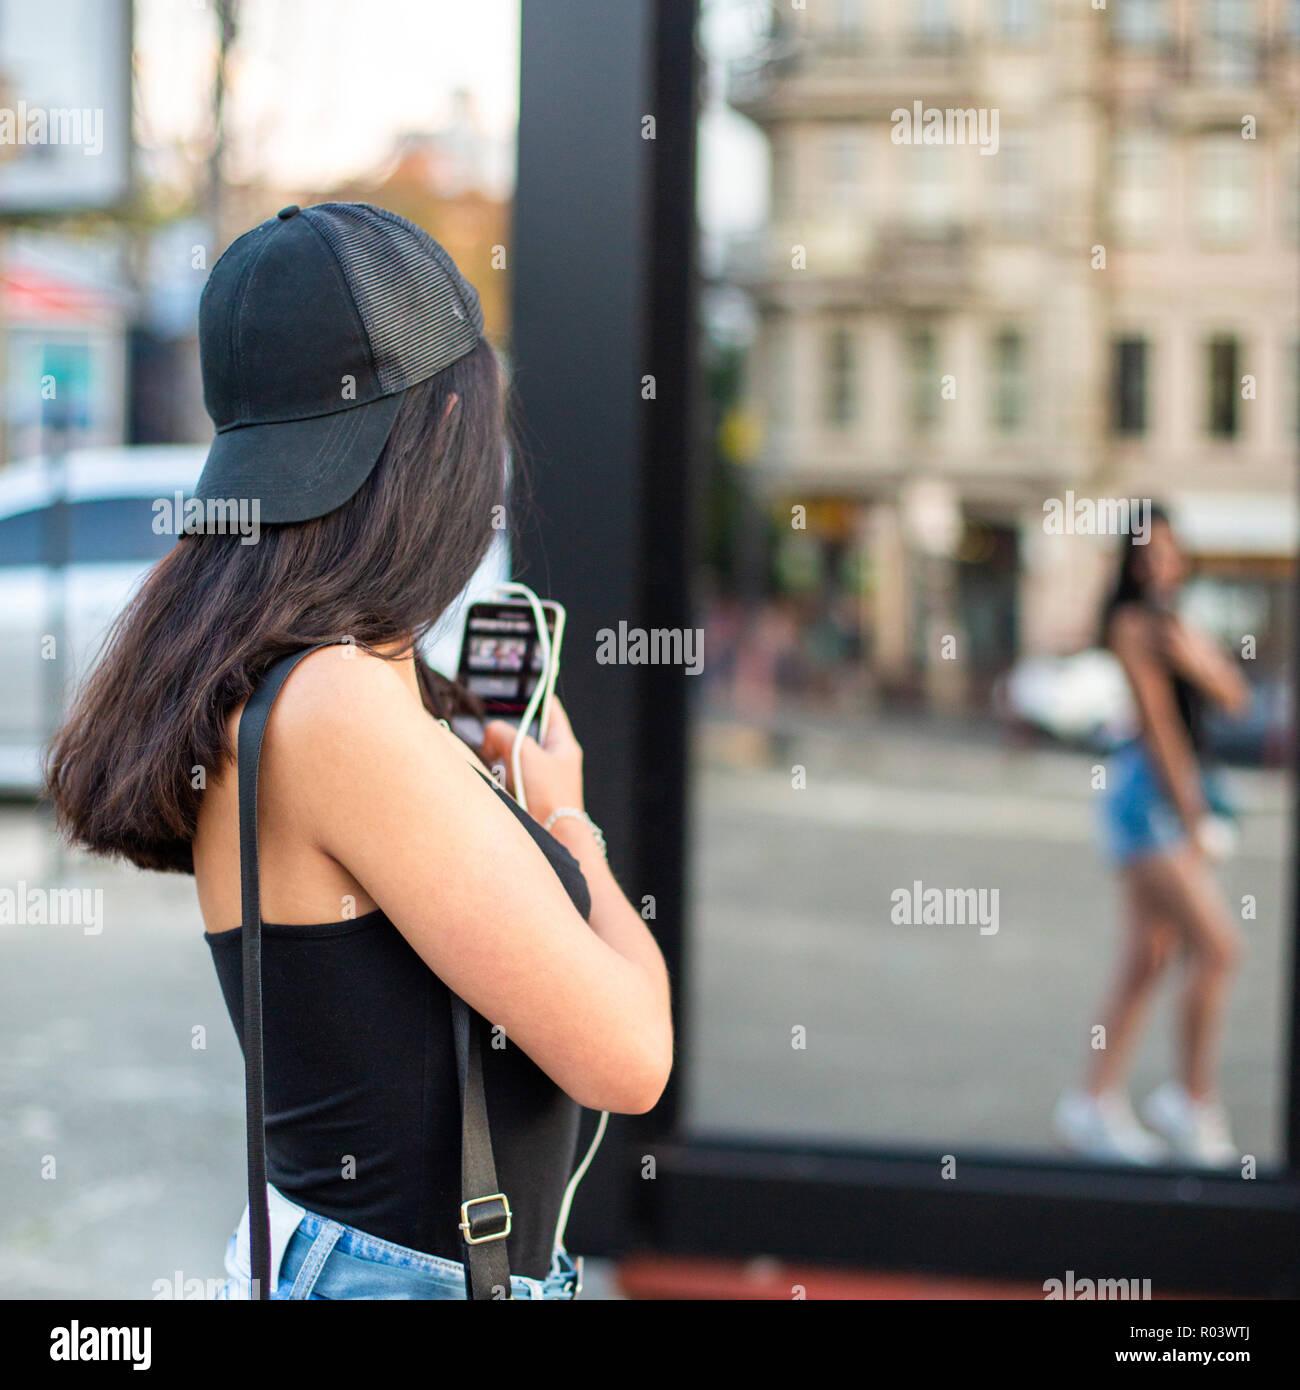 Eine Junge Schöne Mädchen Fotos Mit Einem Smartphone Auf Ihr